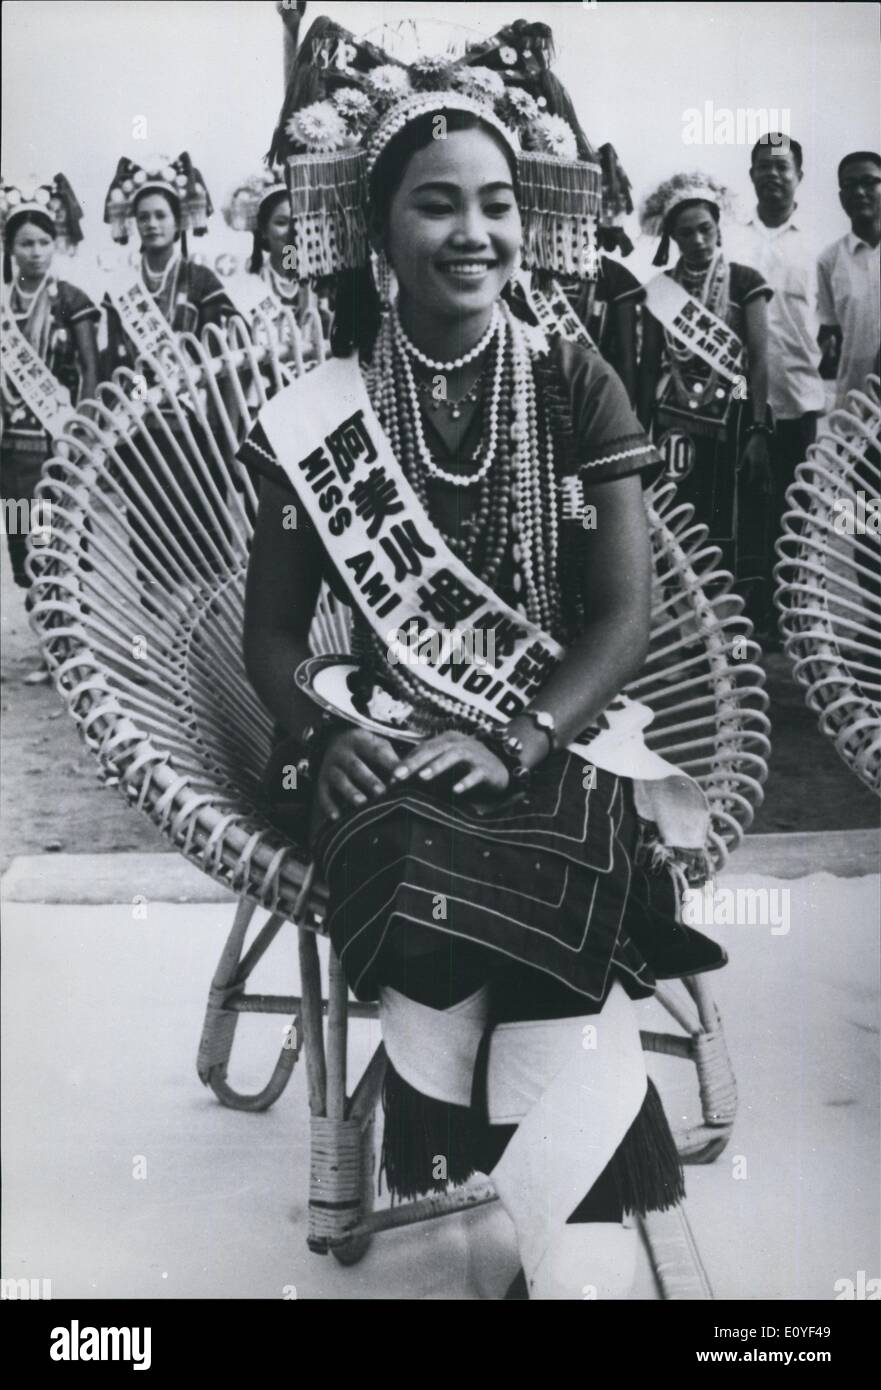 1 janvier, 1970 - reine de beauté autochtones.: La tribu dans Hulaien Ami autochtones de l'Est, Taïwan a choisi joli Yueh-Shu yuan comme leur ''queen'', lors de leur Festival d'Bumoer la récolte. L'Ami's ont une population de 70 000 et une histoire d'environ 700 ans. La photo montre l'Ami tribe frist beauty queen , Yueh-Shu yuen dans sa robe tribal. Photo Stock